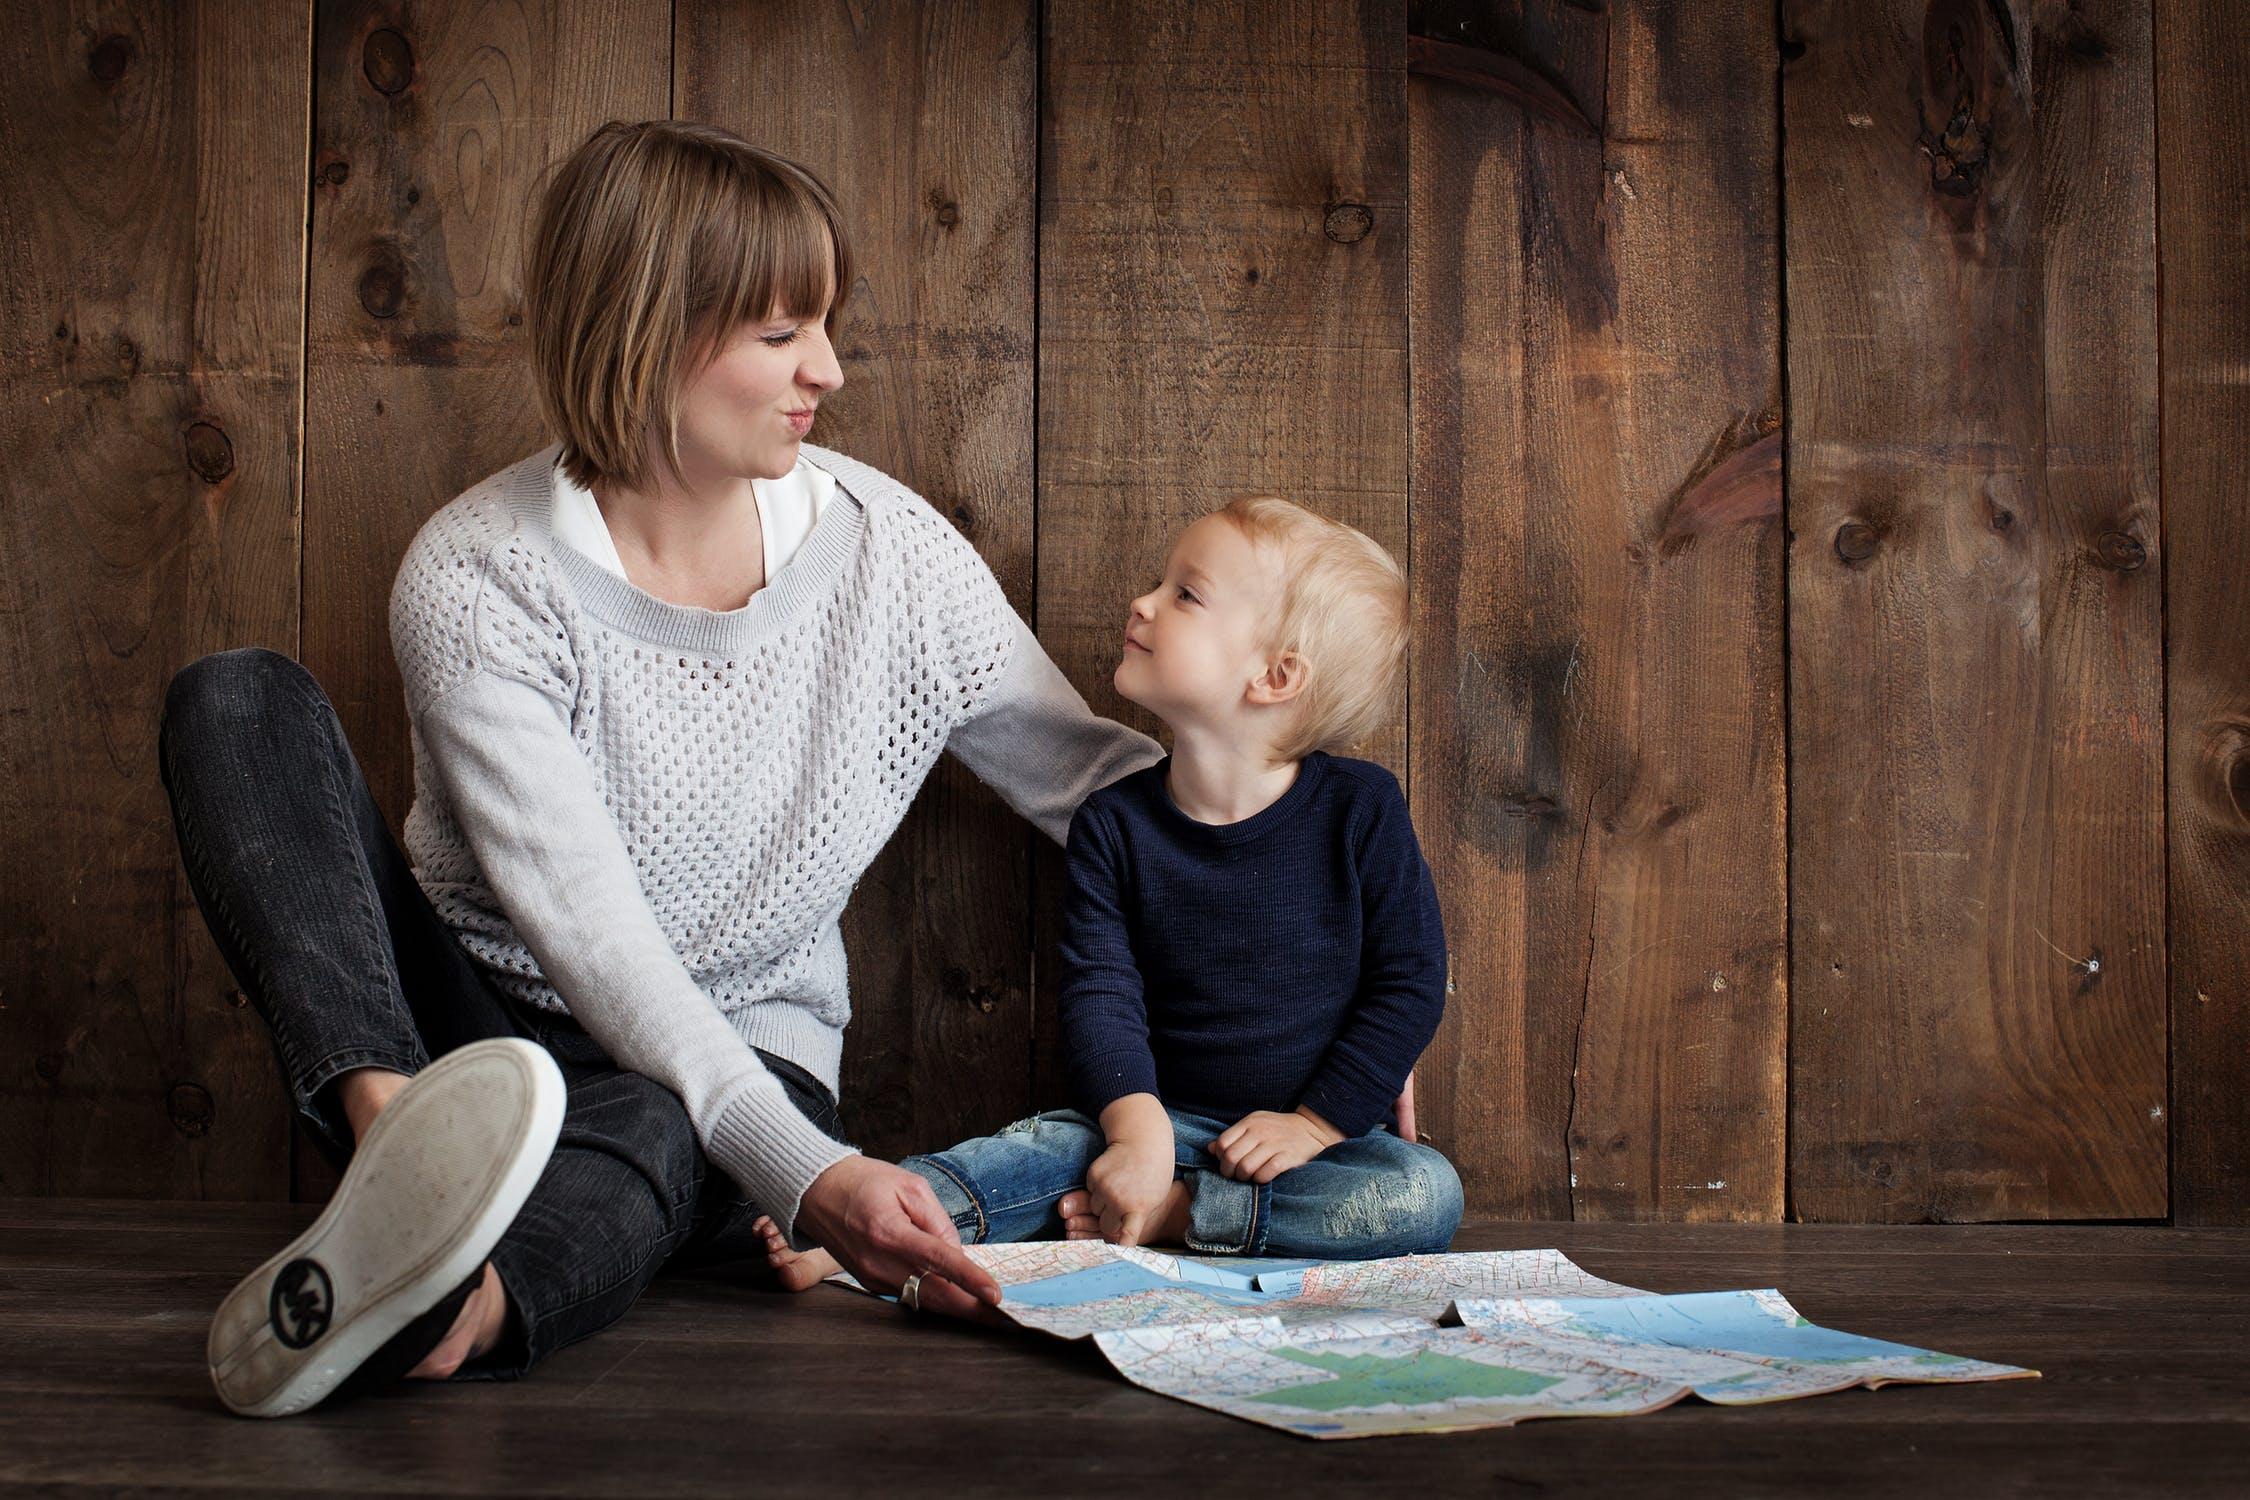 a580f2063a 5 bellissimi libri per bambini di 4 e 5 anni | Posts by Occhi di Bimbo |  Bloglovin'